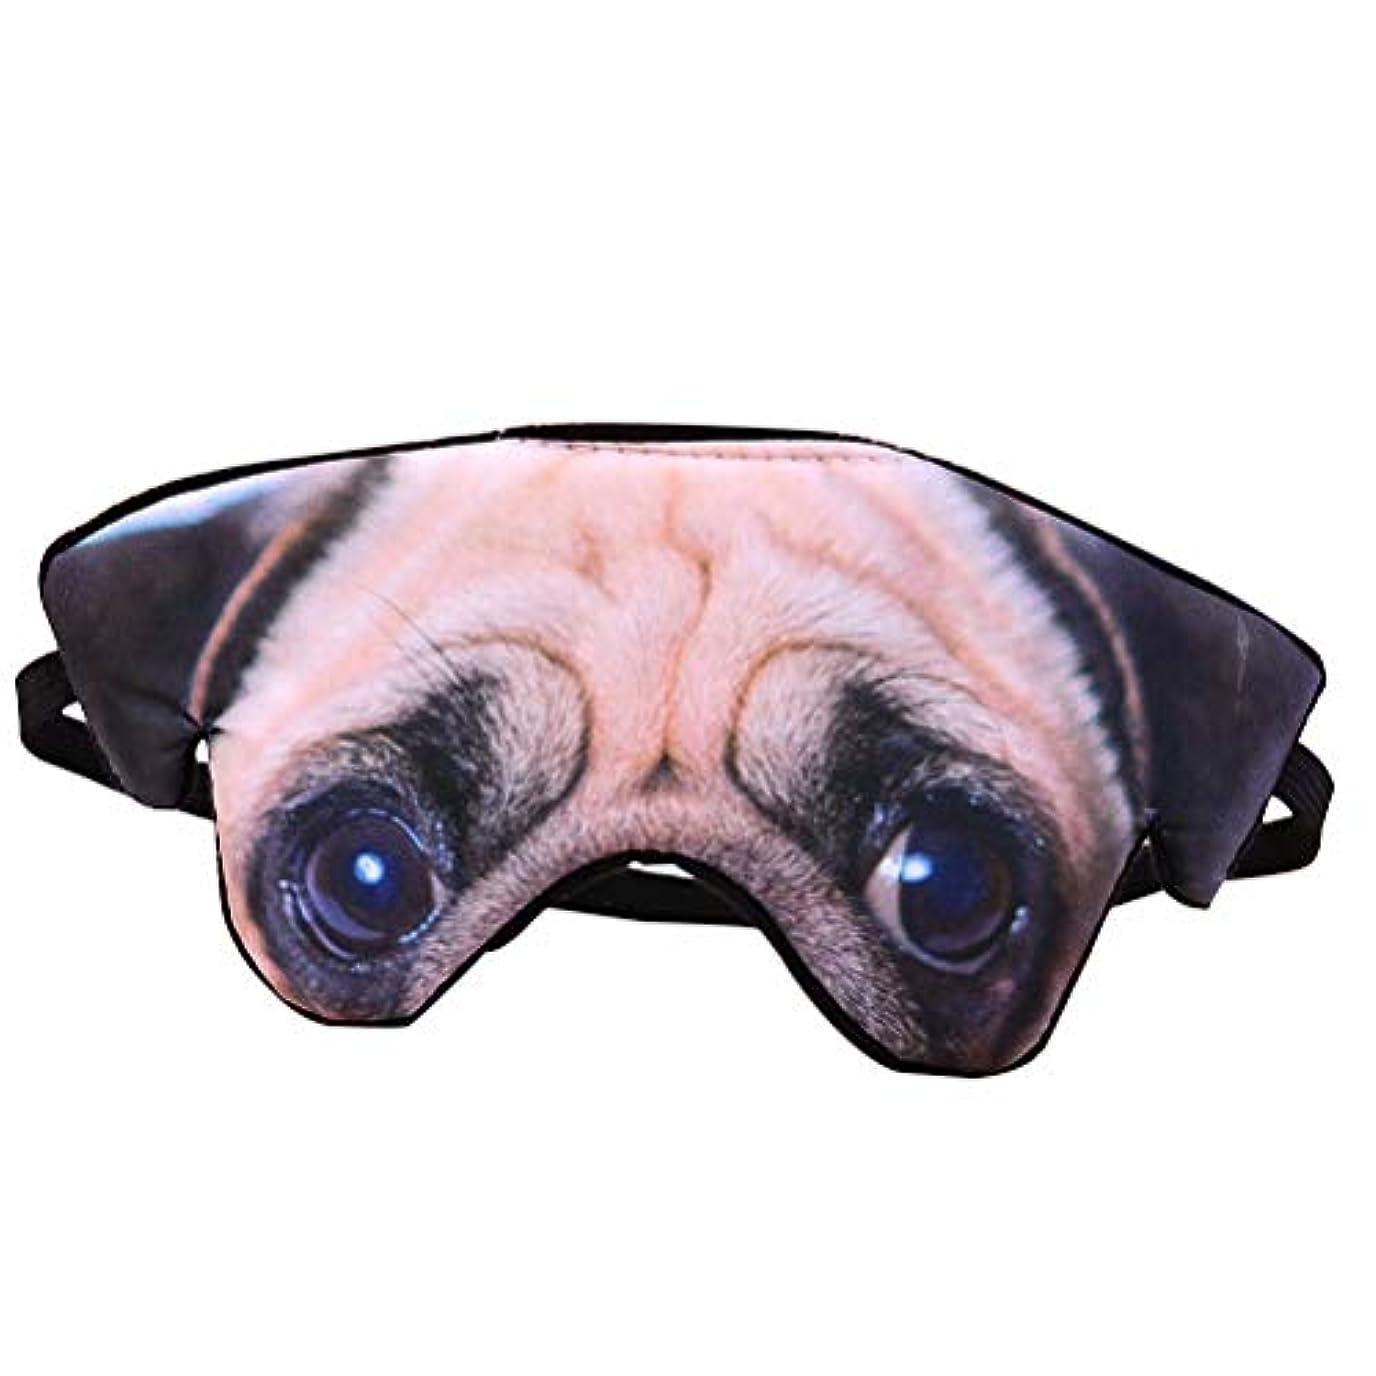 十分ではない拮抗する南方のHEALIFTY 睡眠目隠し3D犬のパターンアイマスクファニーシェードナップカバー目隠し睡眠マスク目の眠りゴーグル(Pug)